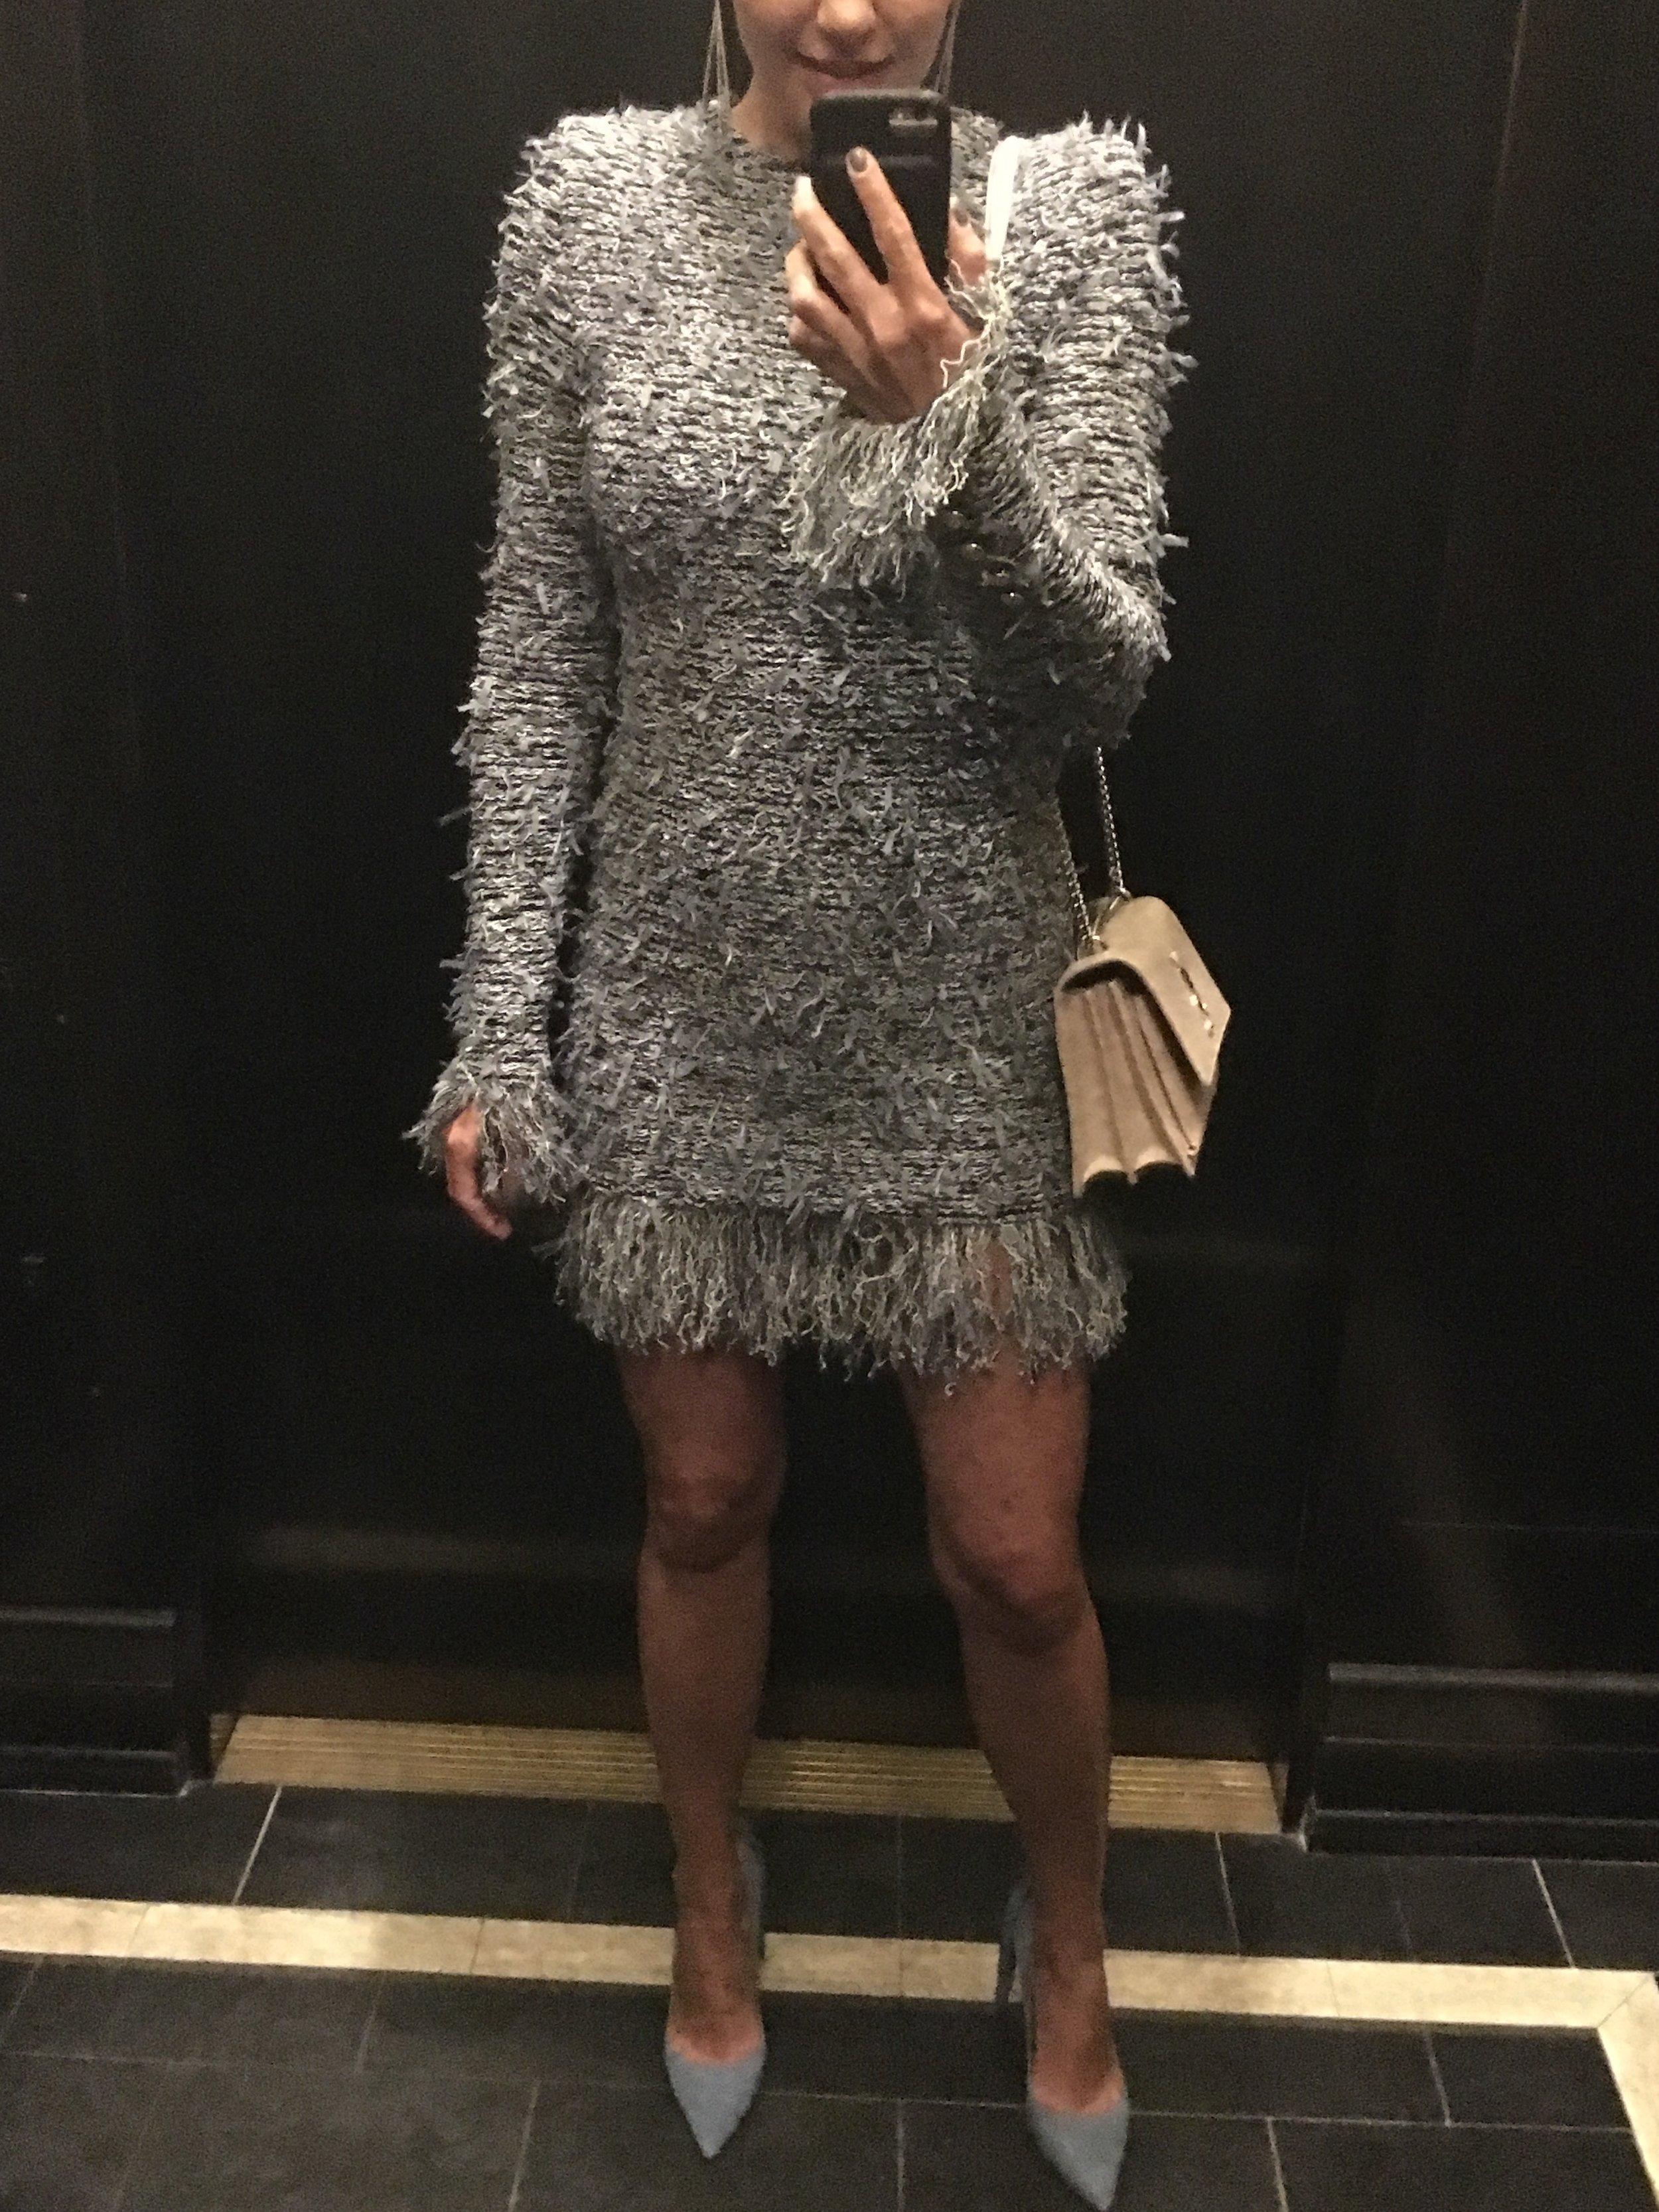 Balmain dress, YSL bag, Aquazzura pumps